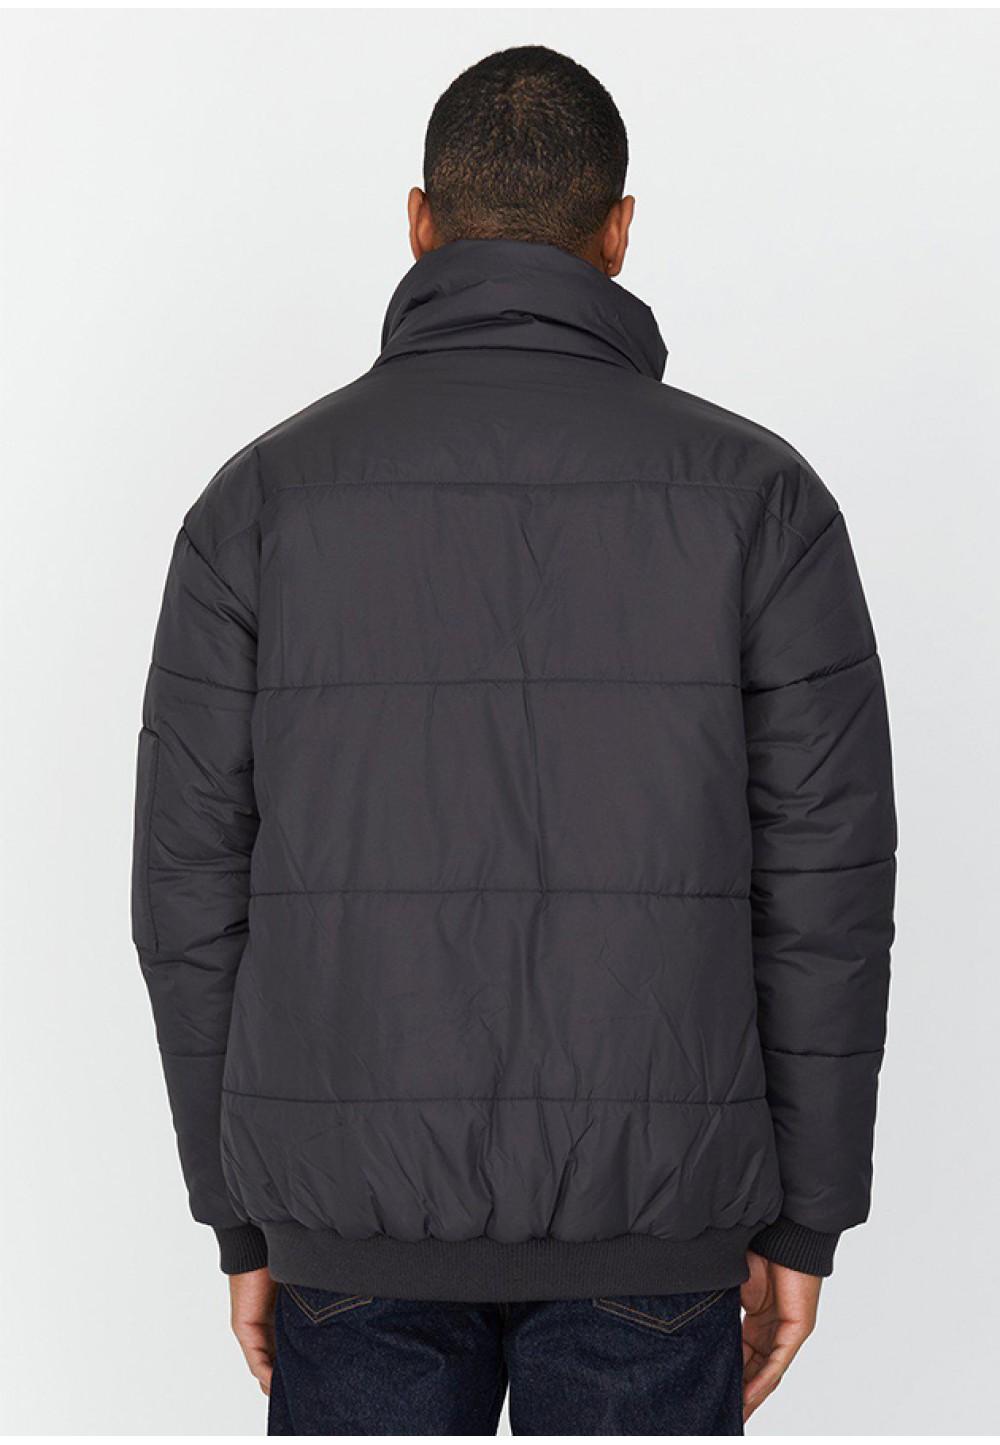 Теплая графитовая куртка Devo Puffer Jacket